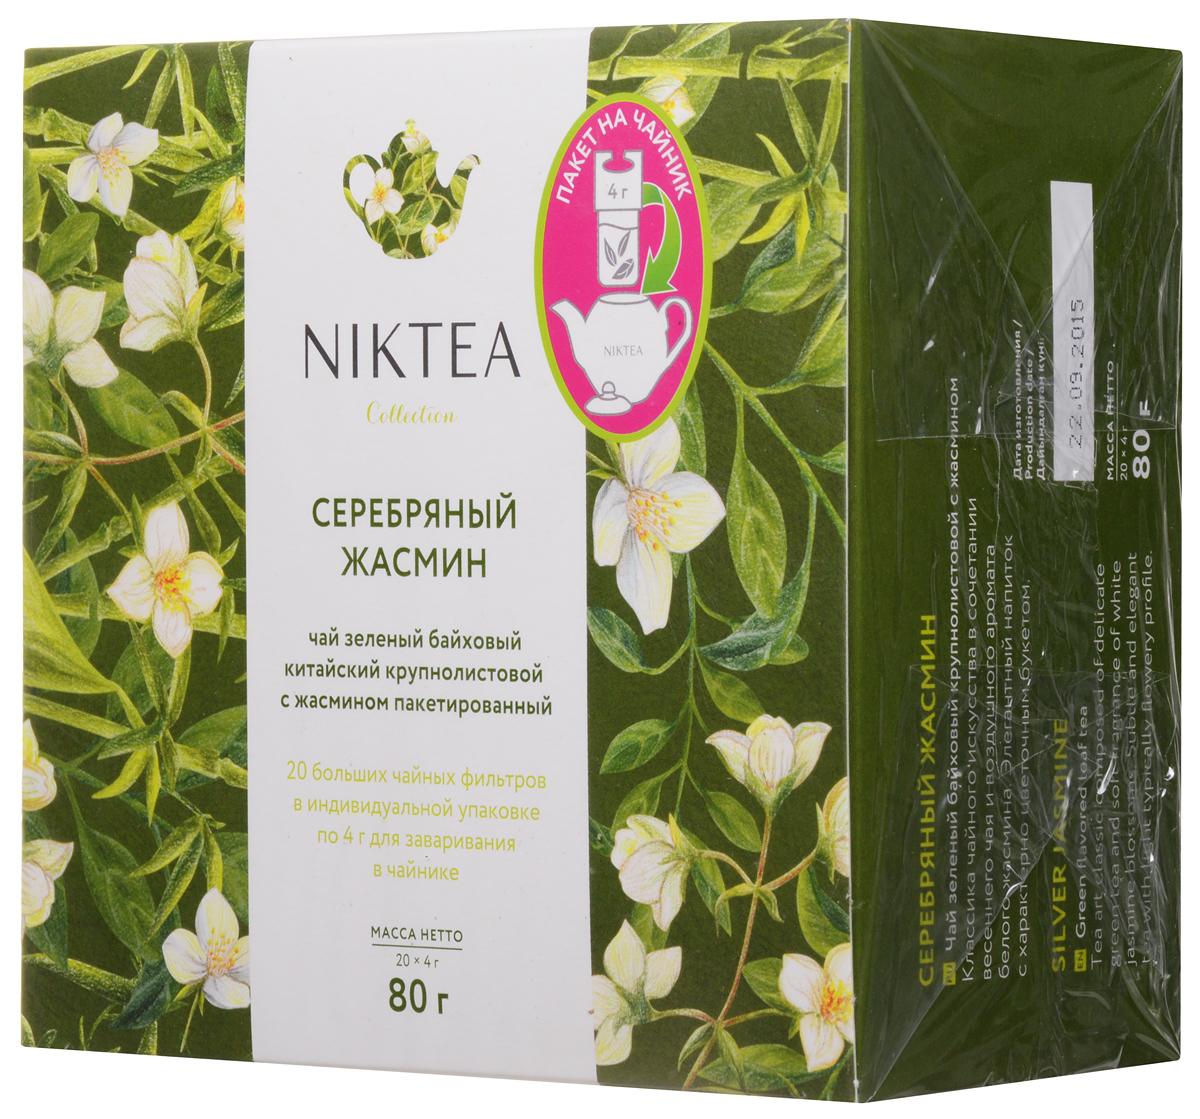 Niktea Silver Jasmine чай зеленый для чайника, 20 пакетов по 4 гTALTHA-GP0004Niktea Silver Jasmine - классика чайного искусства в сочетании весеннего чая и воздушного аромата белого жасмина. Элегантный напиток с характерным цветочным букетом.Коллекция NikTea разработана командой экспертов, имеющих богатый опыт в чайной индустрии. Во время ее создания выбирались самые надежные поставщики из Европы и стран происхождения чая, а в линейку включили не только топовые аутентичные позиции, но и новые интересные рецептуры в традициях современной чайной миксологии.NikTea - это действительно качественный чай. Для истинных ценителей мы предлагаем безупречное качество: отборное сырье, фасовку на высокотехнологичном производственном комплексе в России, постоянный педантичный контроль готового продукта, а также сертификацию сырья по международным стандартам.NikTea - это разнообразие. В линейках листового и пакетированного чаяпредставлены все основные группы вкусов - от классического черного и зеленого чая до ароматизированных, фруктовых и травяных композиций.NikTea - это стиль. Необычная упаковка с модным авторским дизайном создает яркий и запоминающийся стиль, а интересные коктейльные рецептуры дают возможность экспериментировать со вкусами.NikTea для чайников – коллекция листового чая, упакованного в специальные фильтр-пакеты, рассчитанные под чайник.В коллекции представлены 6 основных must have вкусов – каждый сможет выбрать себе чай по душе. Удобство заваривания чая из этой коллекции нельзя недооценить:просто достаньте фильтр-пакет из индивидуального полупрозрачного конверта-саше и опустите его в заварочный чайник, далее следуйтеинструкции по завариванию конкретного купажа. Большой фильтр из специального волокна не разрушается в кипятке, обладает отличной пропускной способностью.